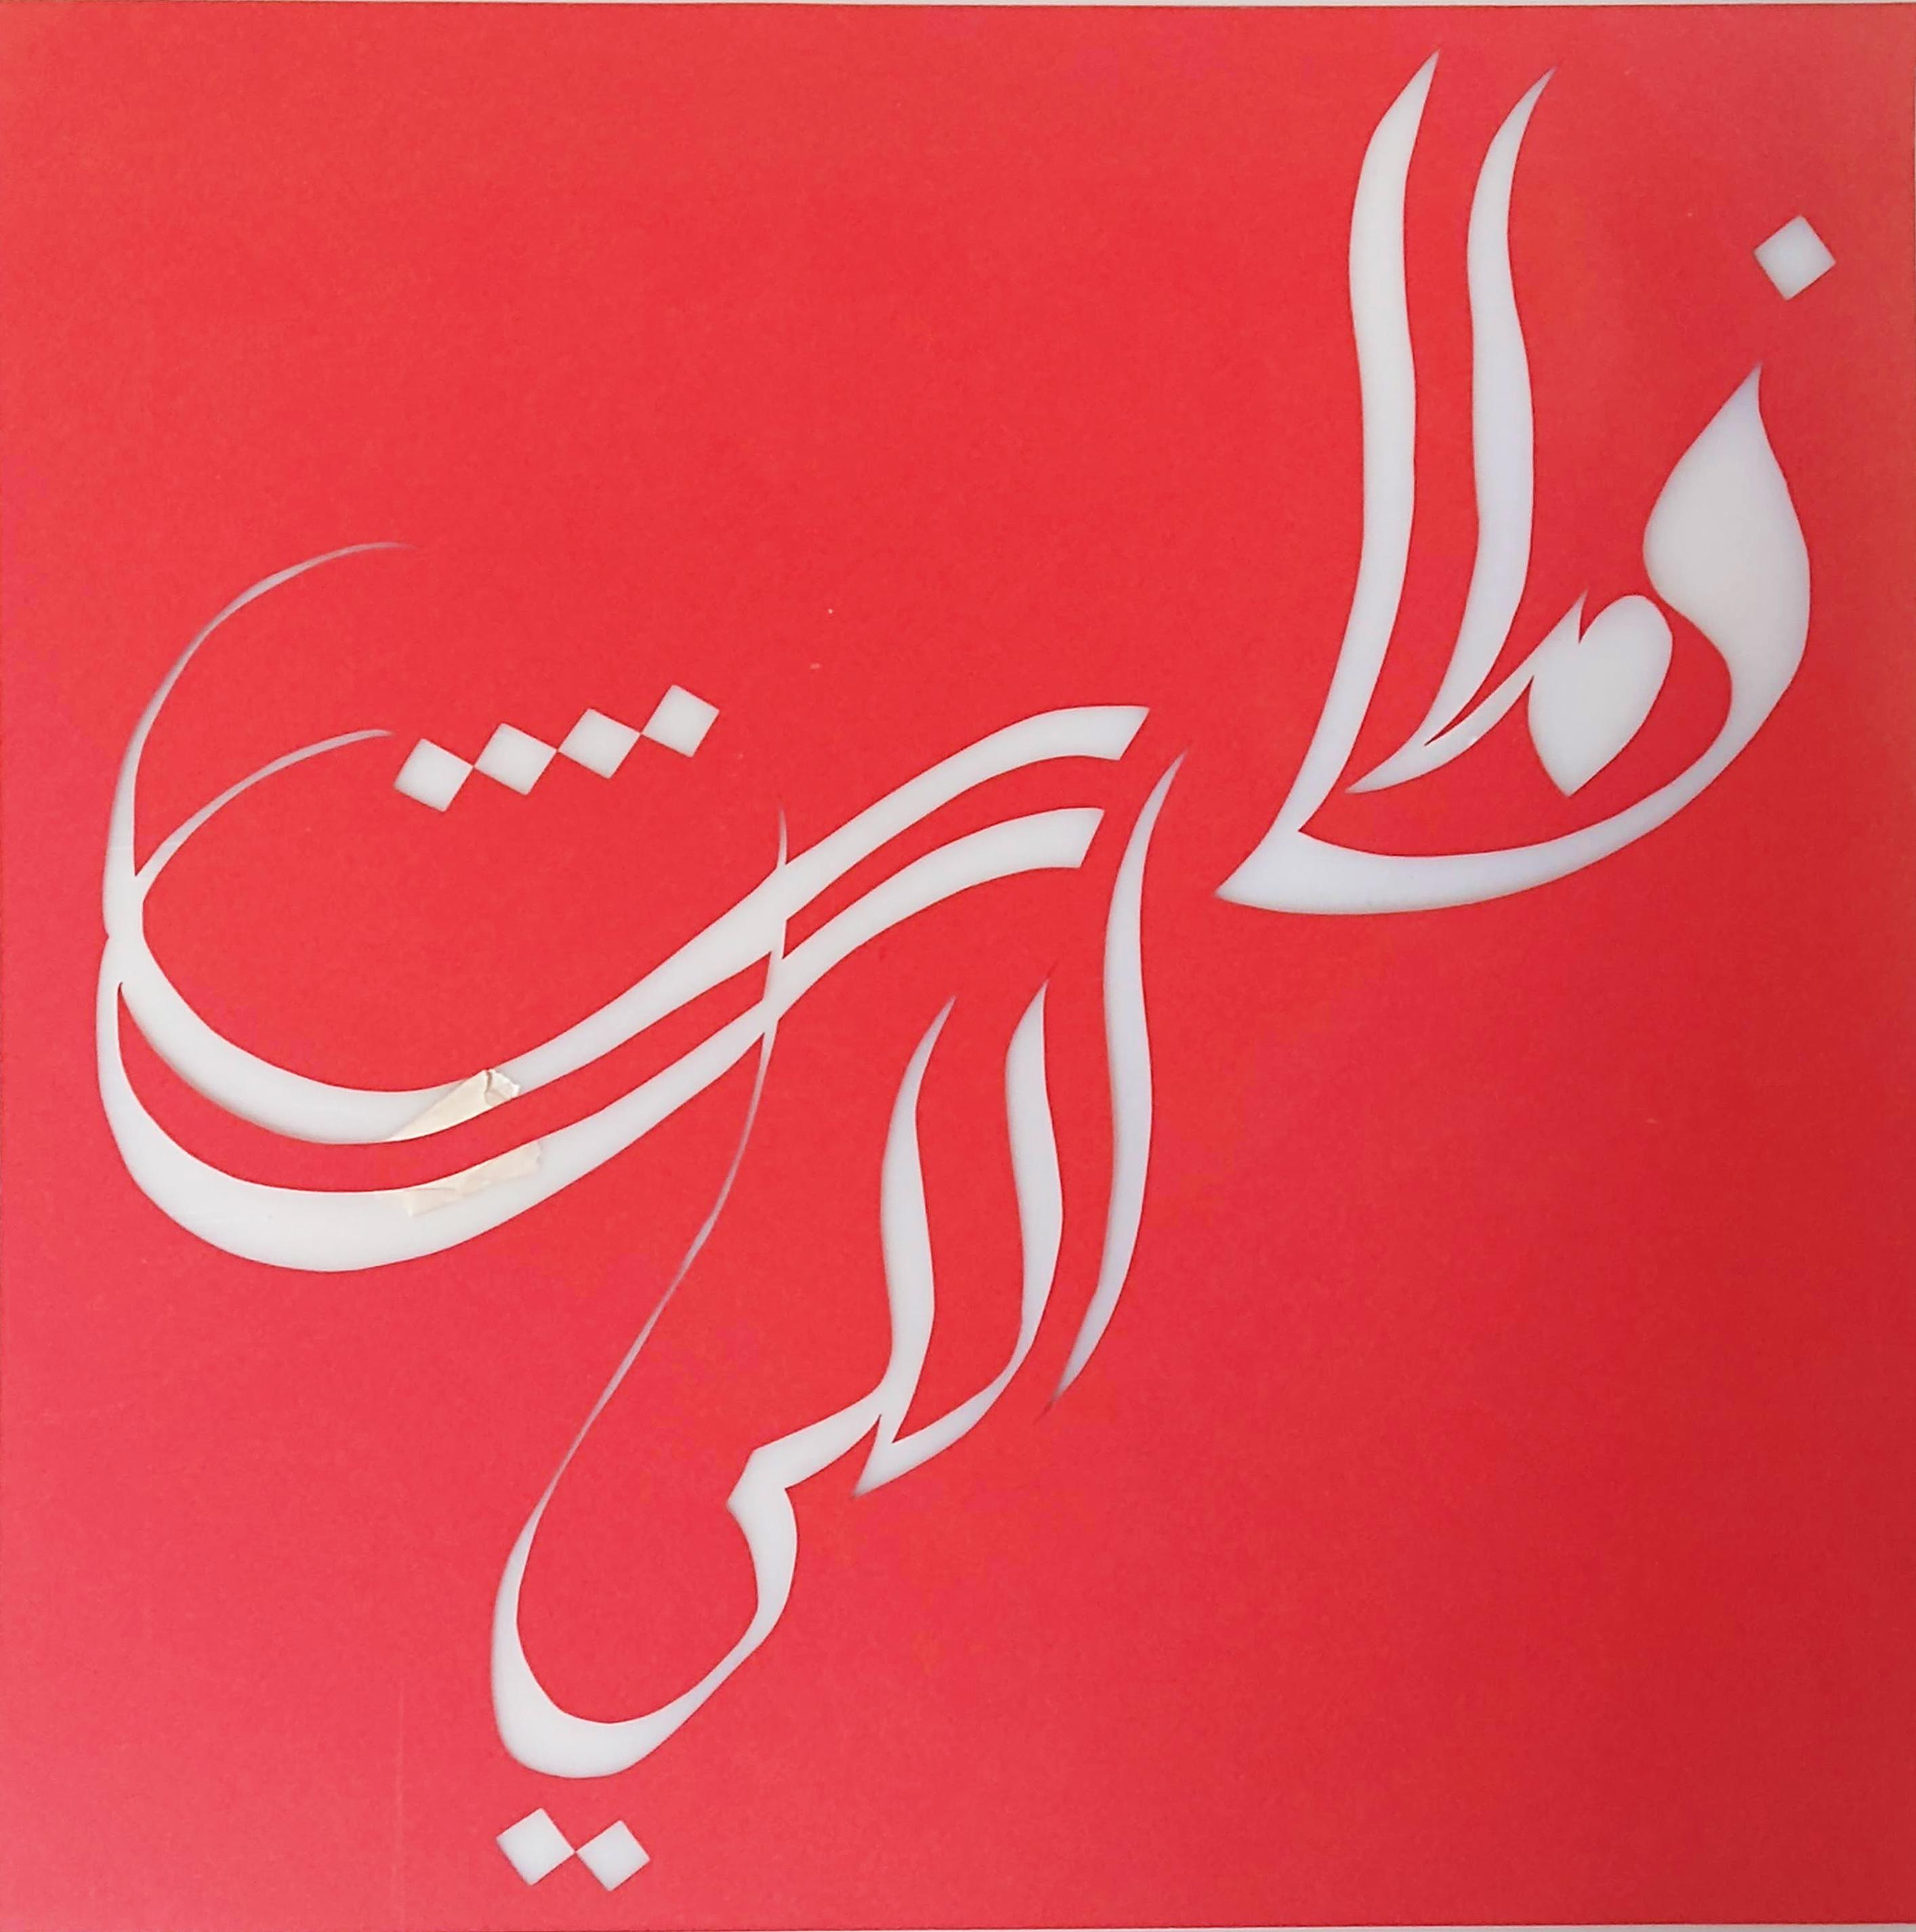 اللي فات مات/What's Past is Dead